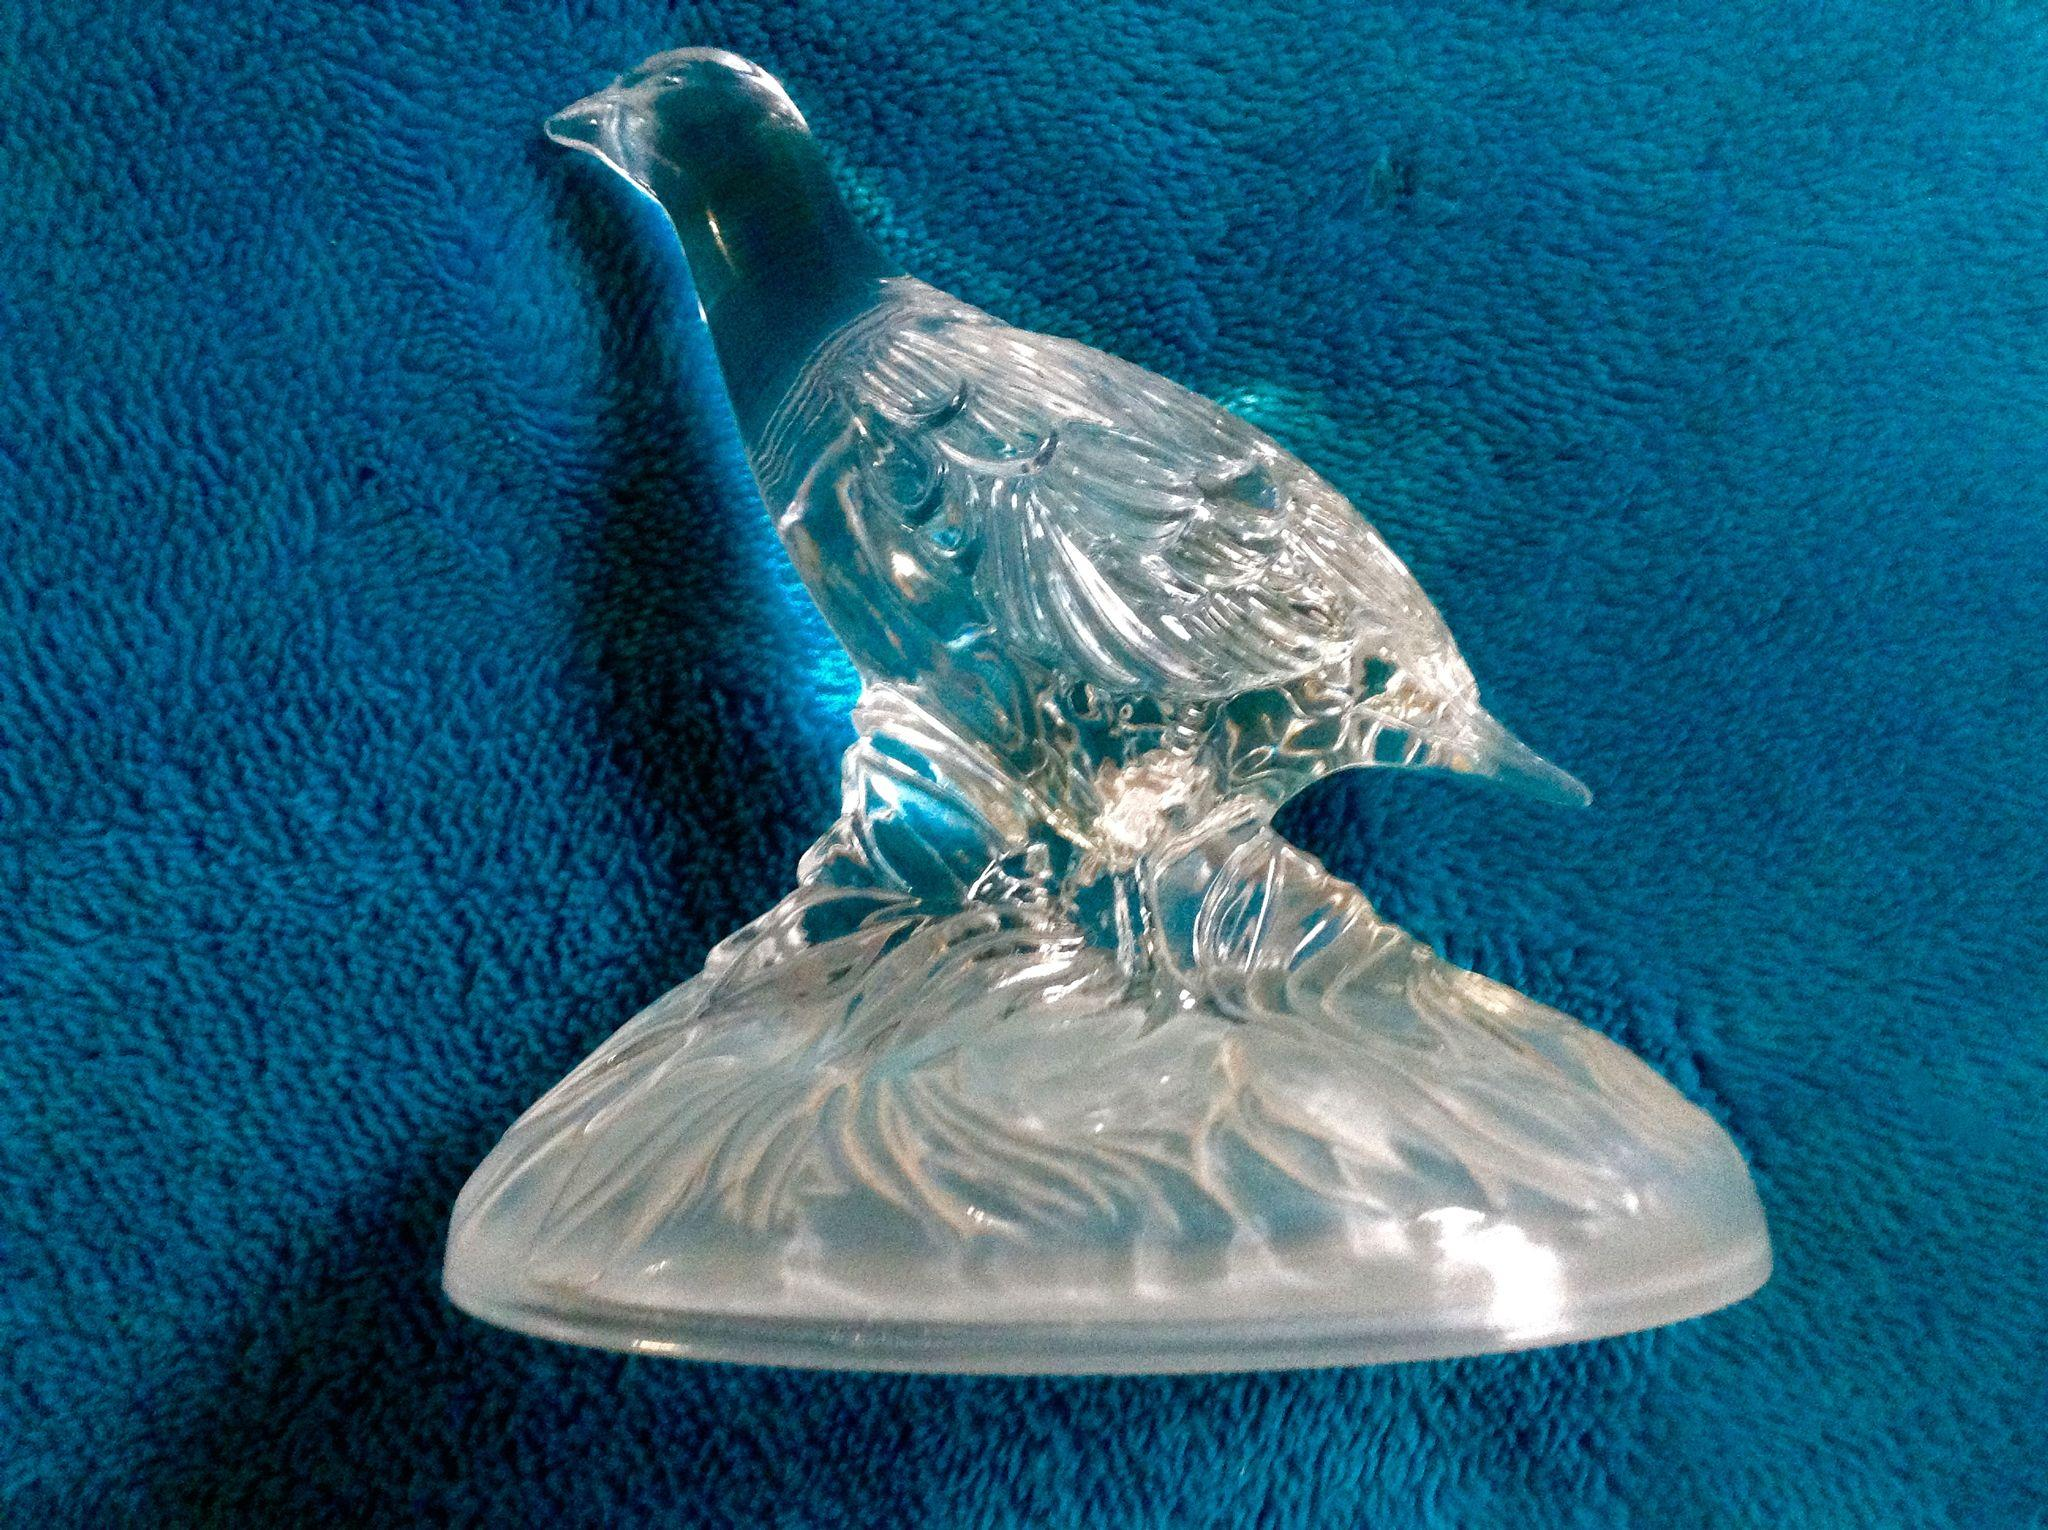 vintage cristal d 39 arques durand france 24 lead crystal. Black Bedroom Furniture Sets. Home Design Ideas